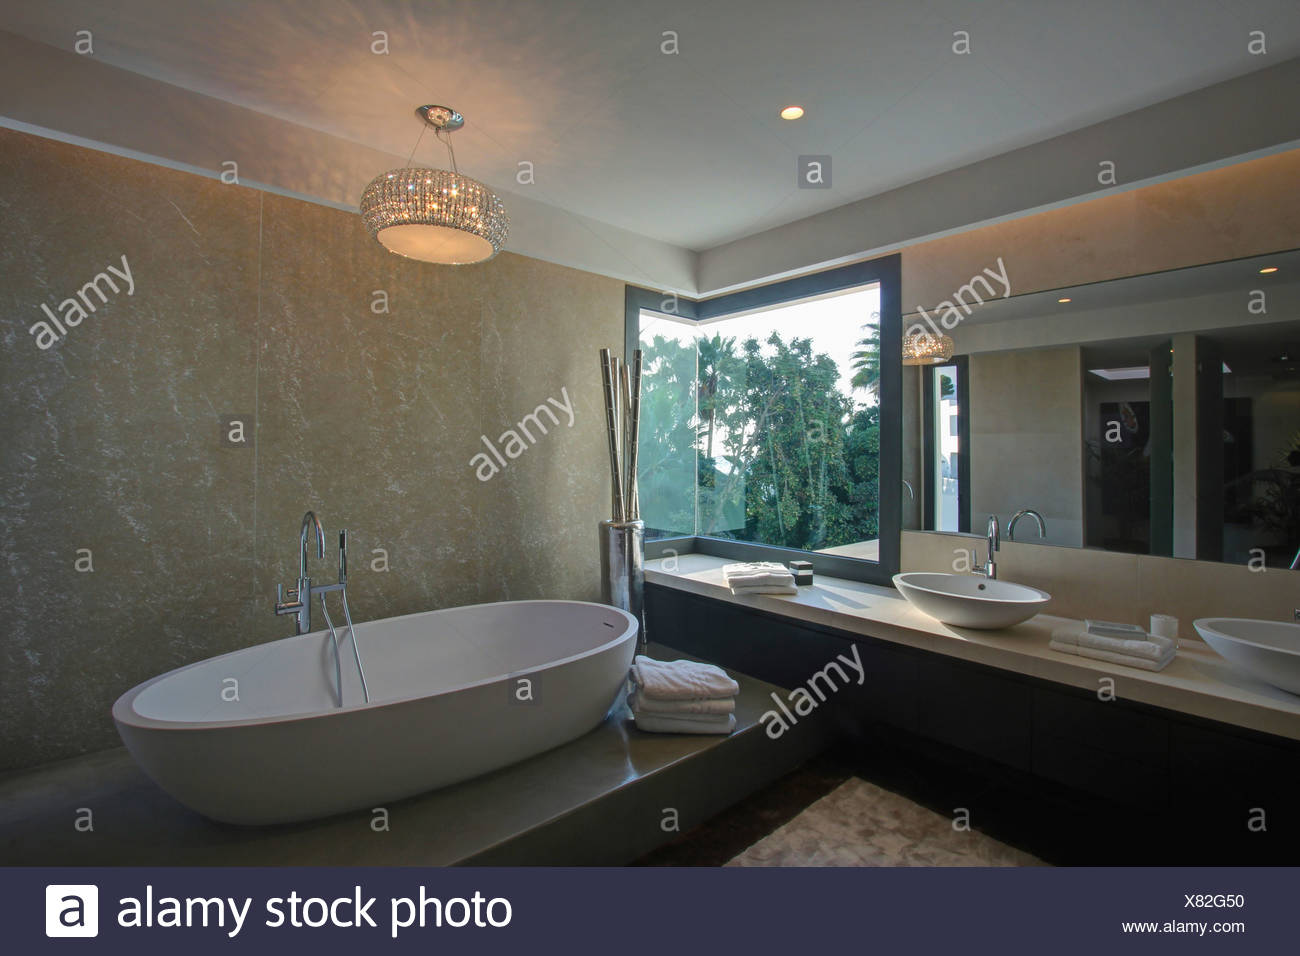 Luce di vetro sopra rilievi vasca ovale in marmo moderno bagno spagnolo con coppa vasche su - Vetro vasca bagno ...